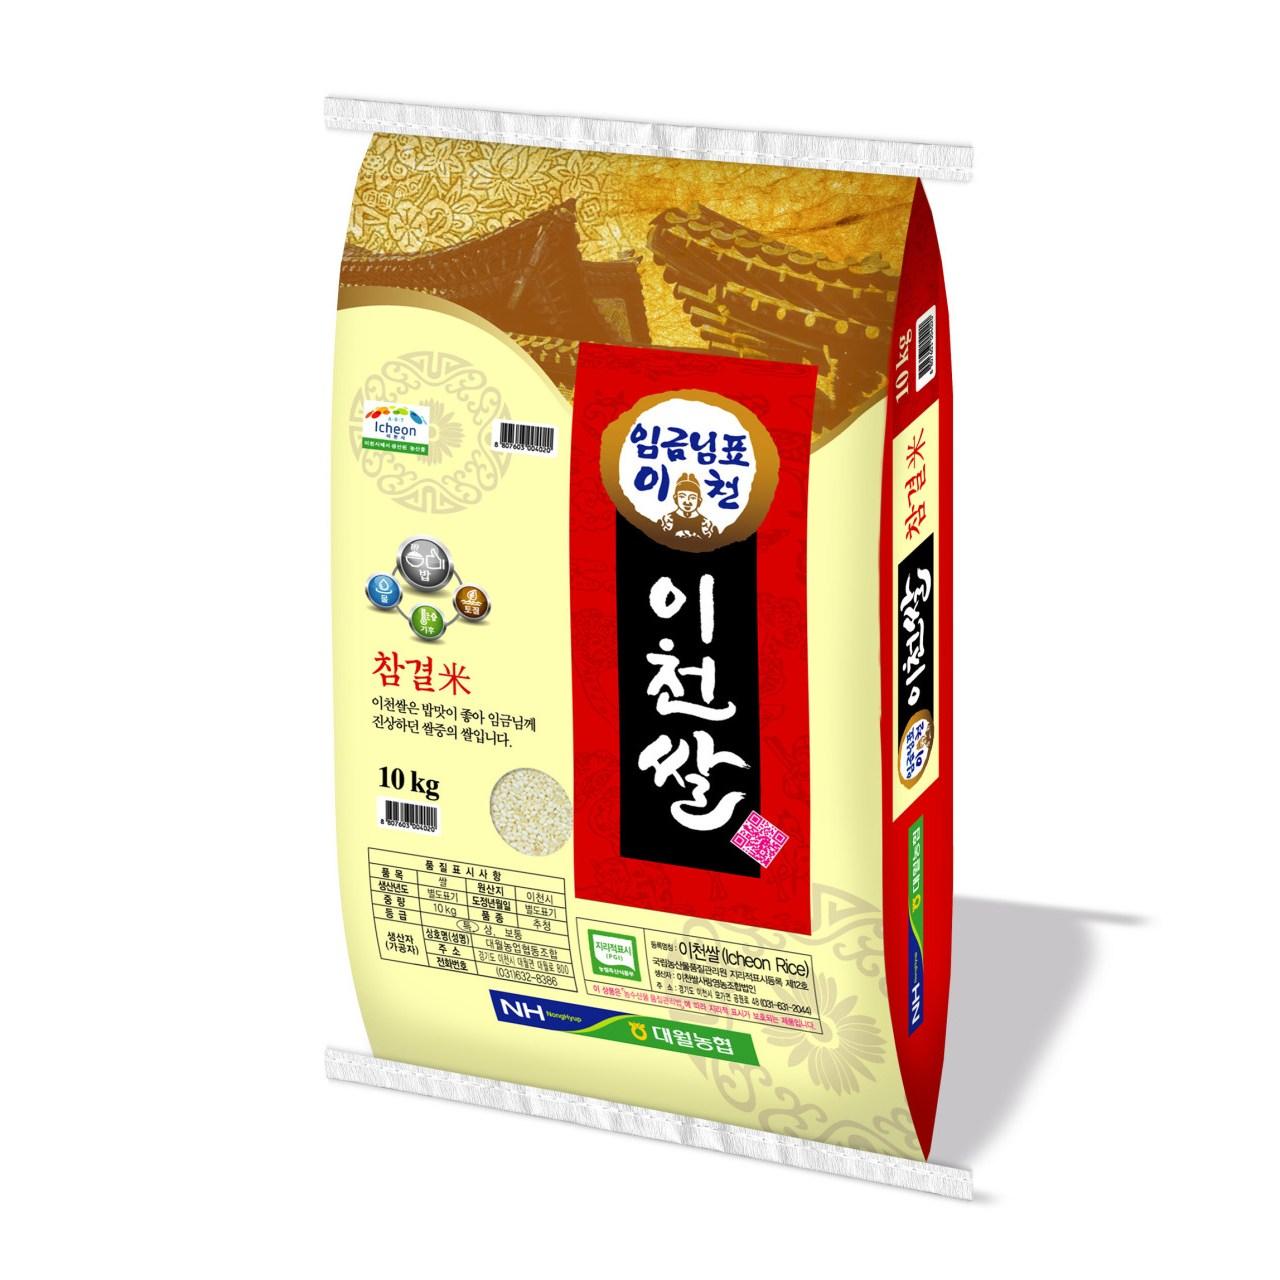 (청원영농) 임금님표 이천쌀 10kg 4kg, 1포